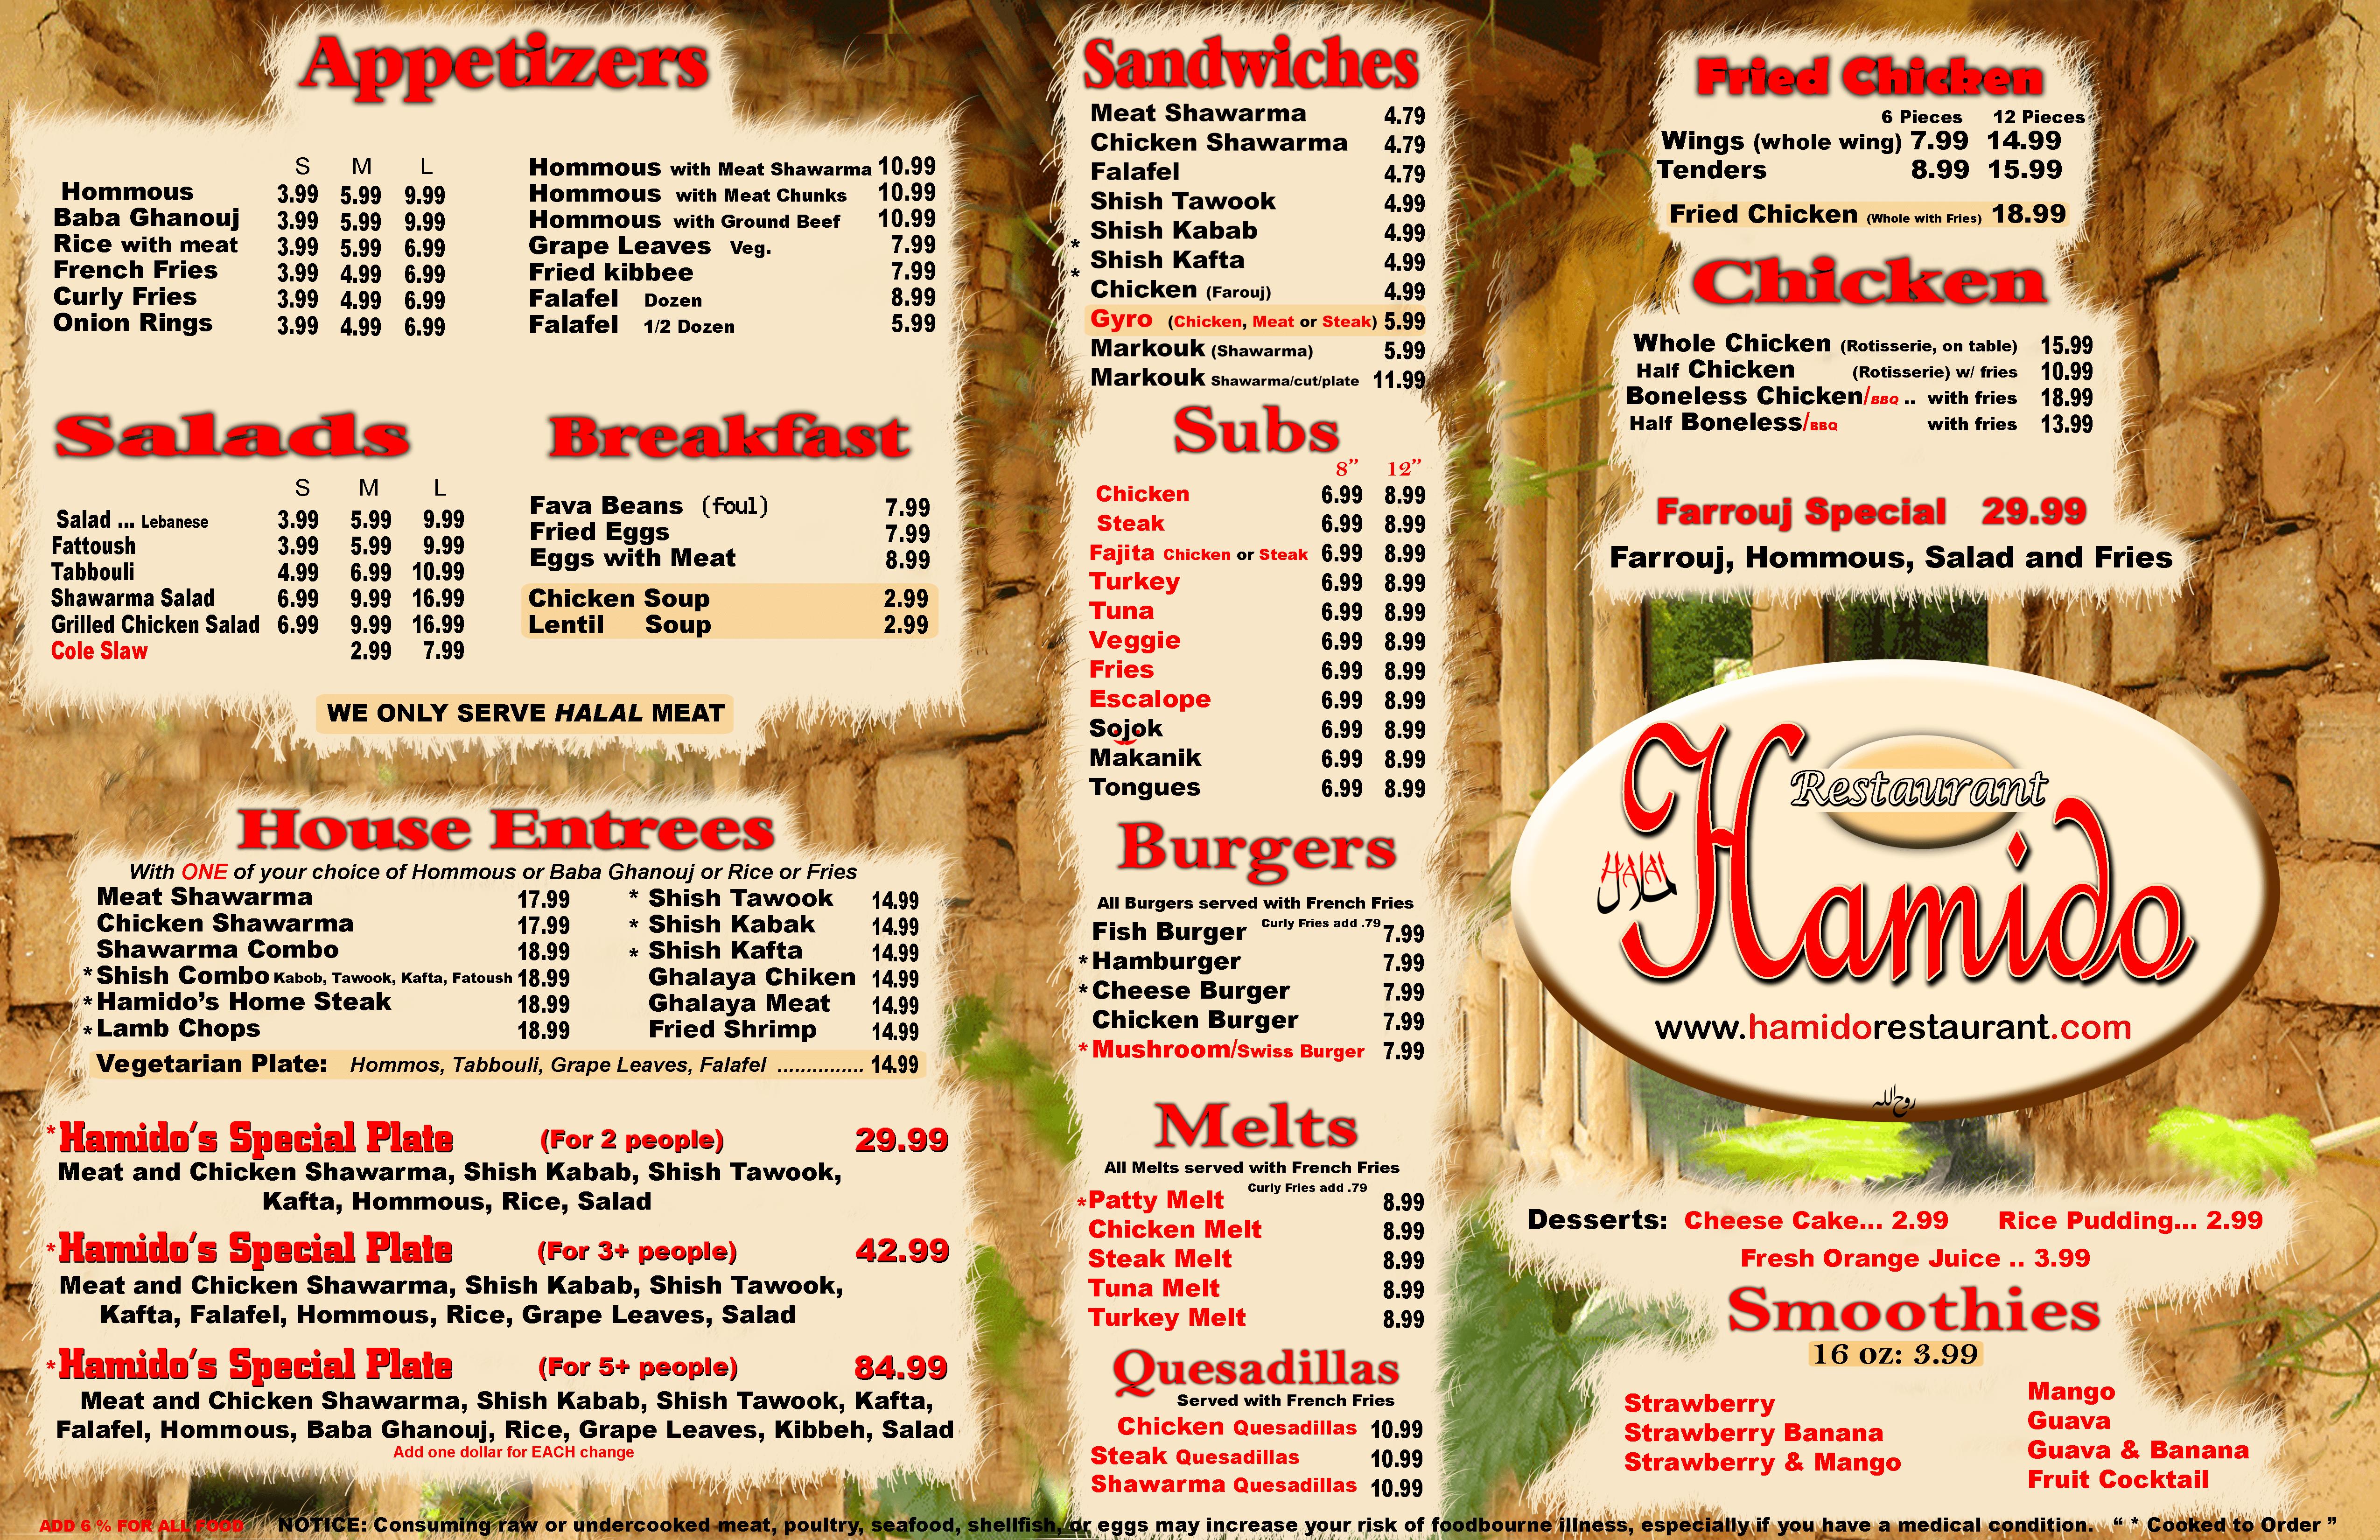 hamido-restaurant-menu